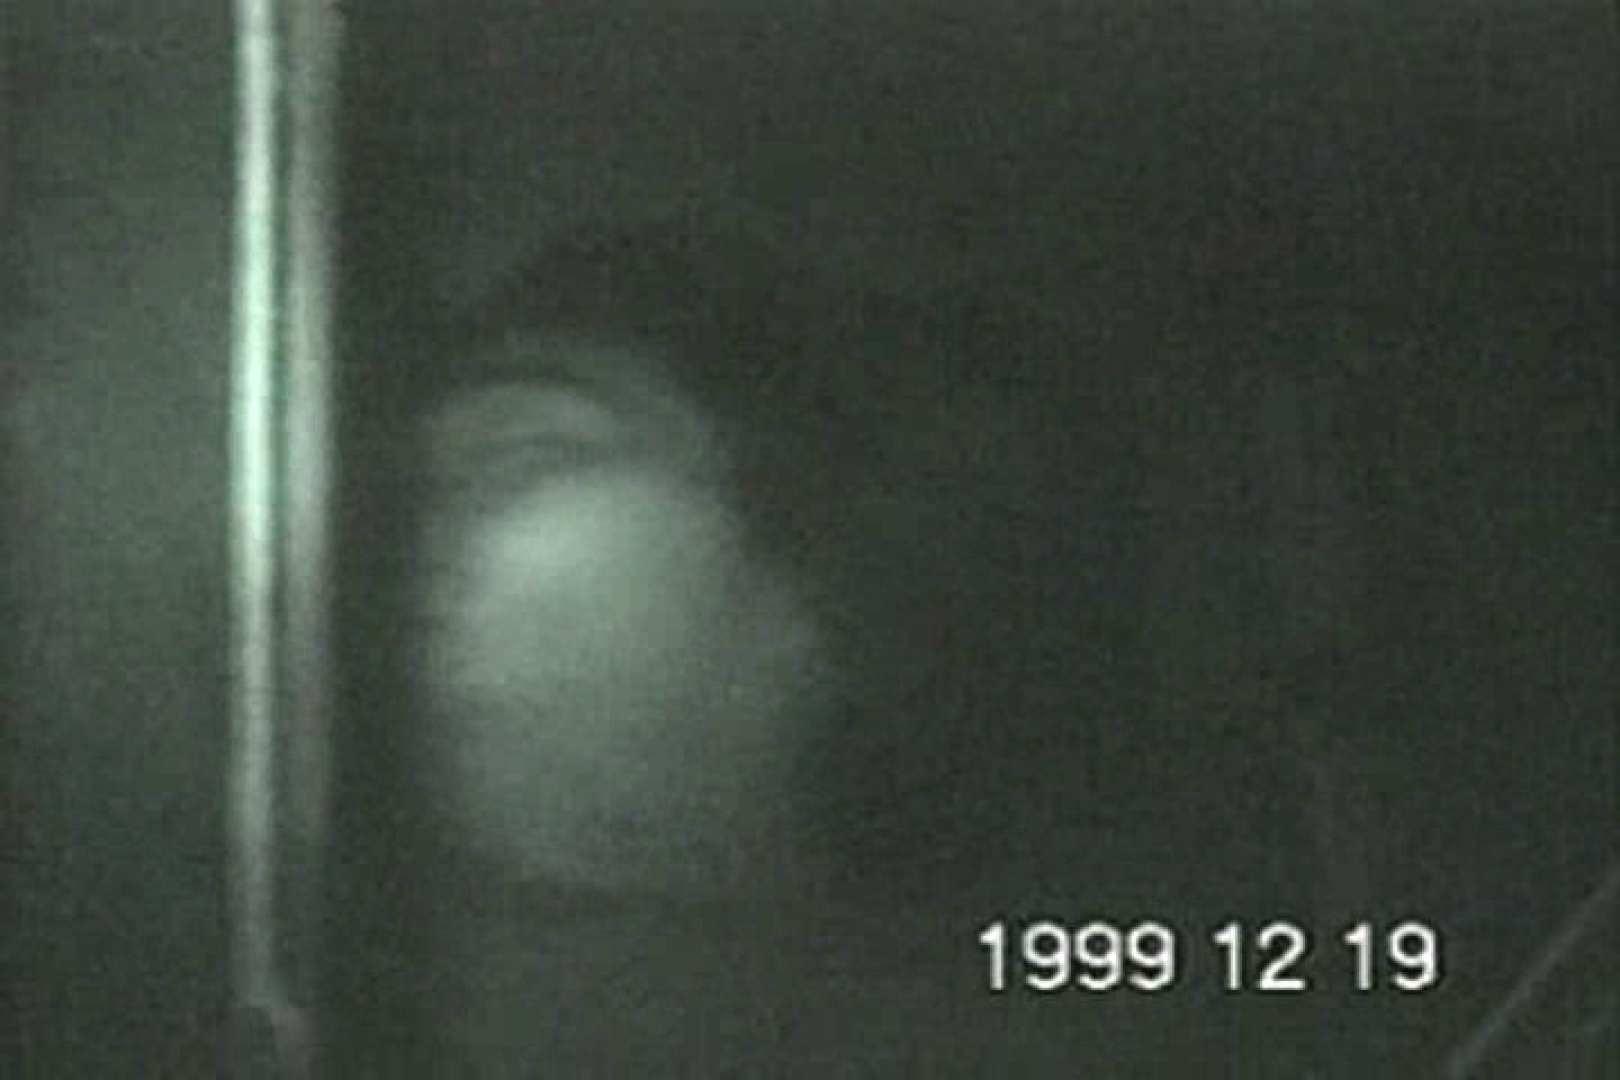 蔵出し!!赤外線カーセックスVol.12 カップル盗撮  92画像 48